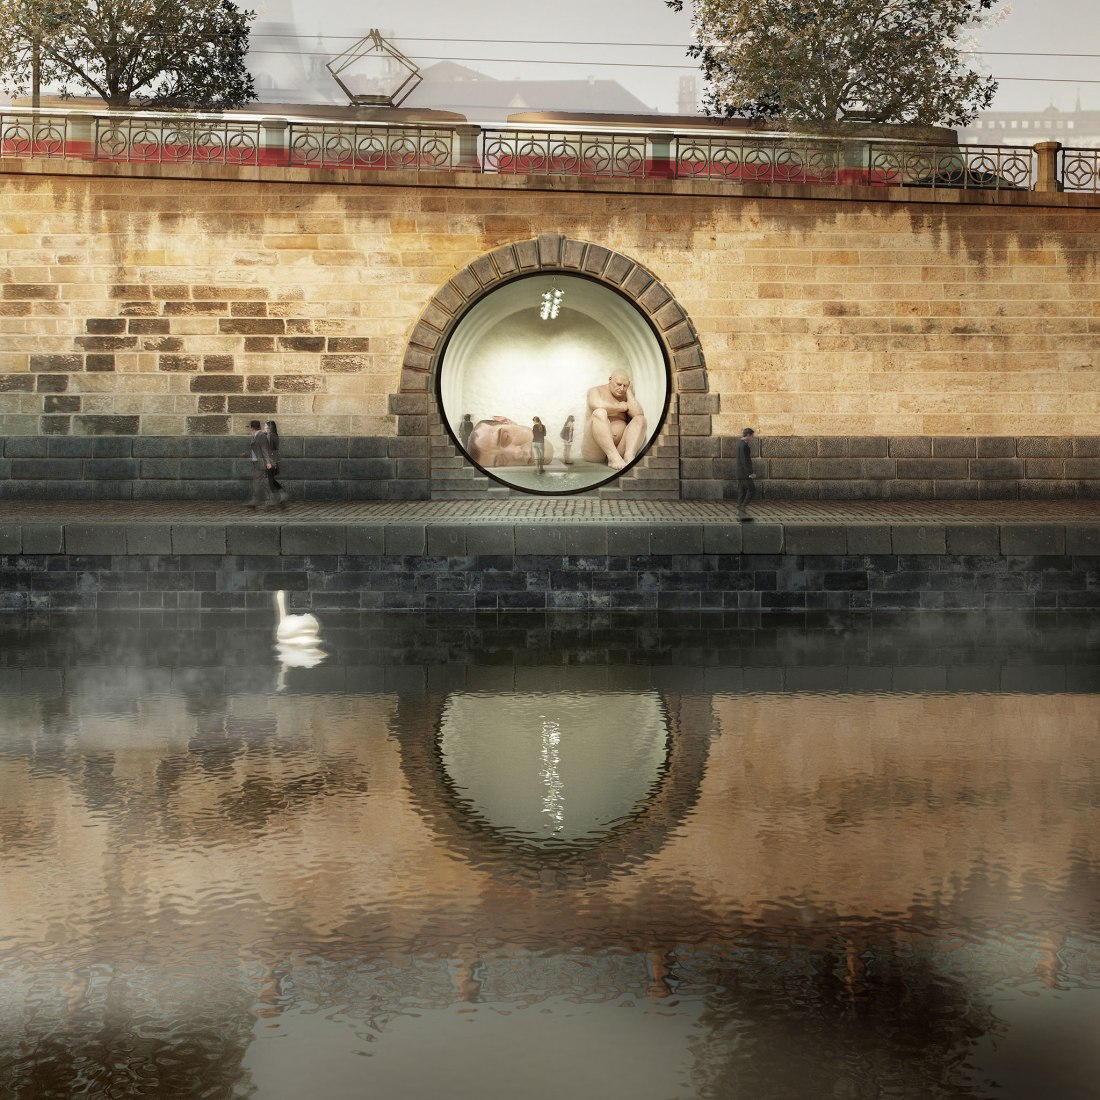 Floating pool rendering. Prague's riverfront by petrjanda/brainwork